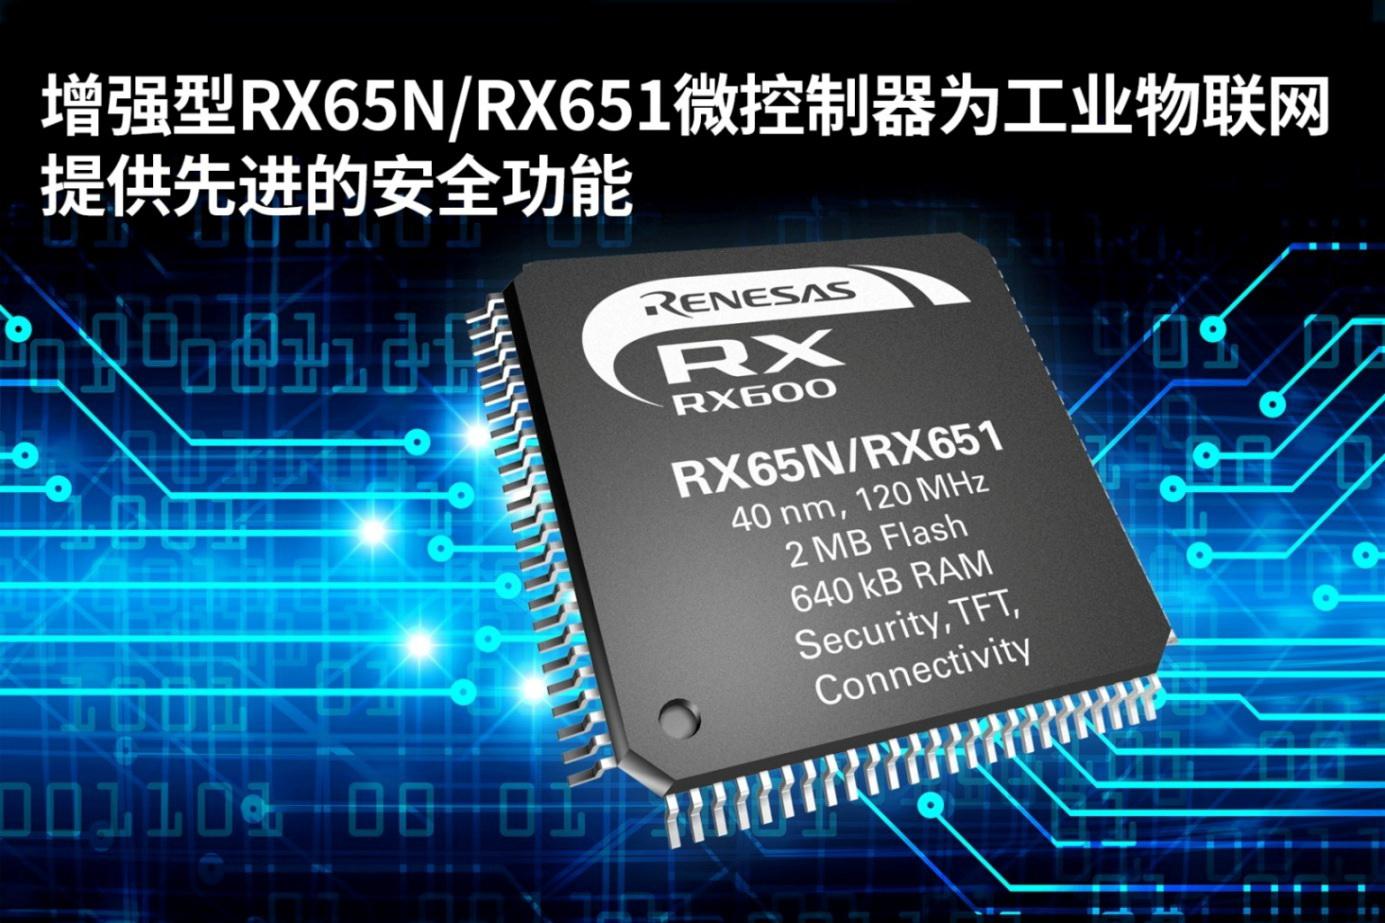 瑞萨电子推出增强型RX65N/RX651微控制器